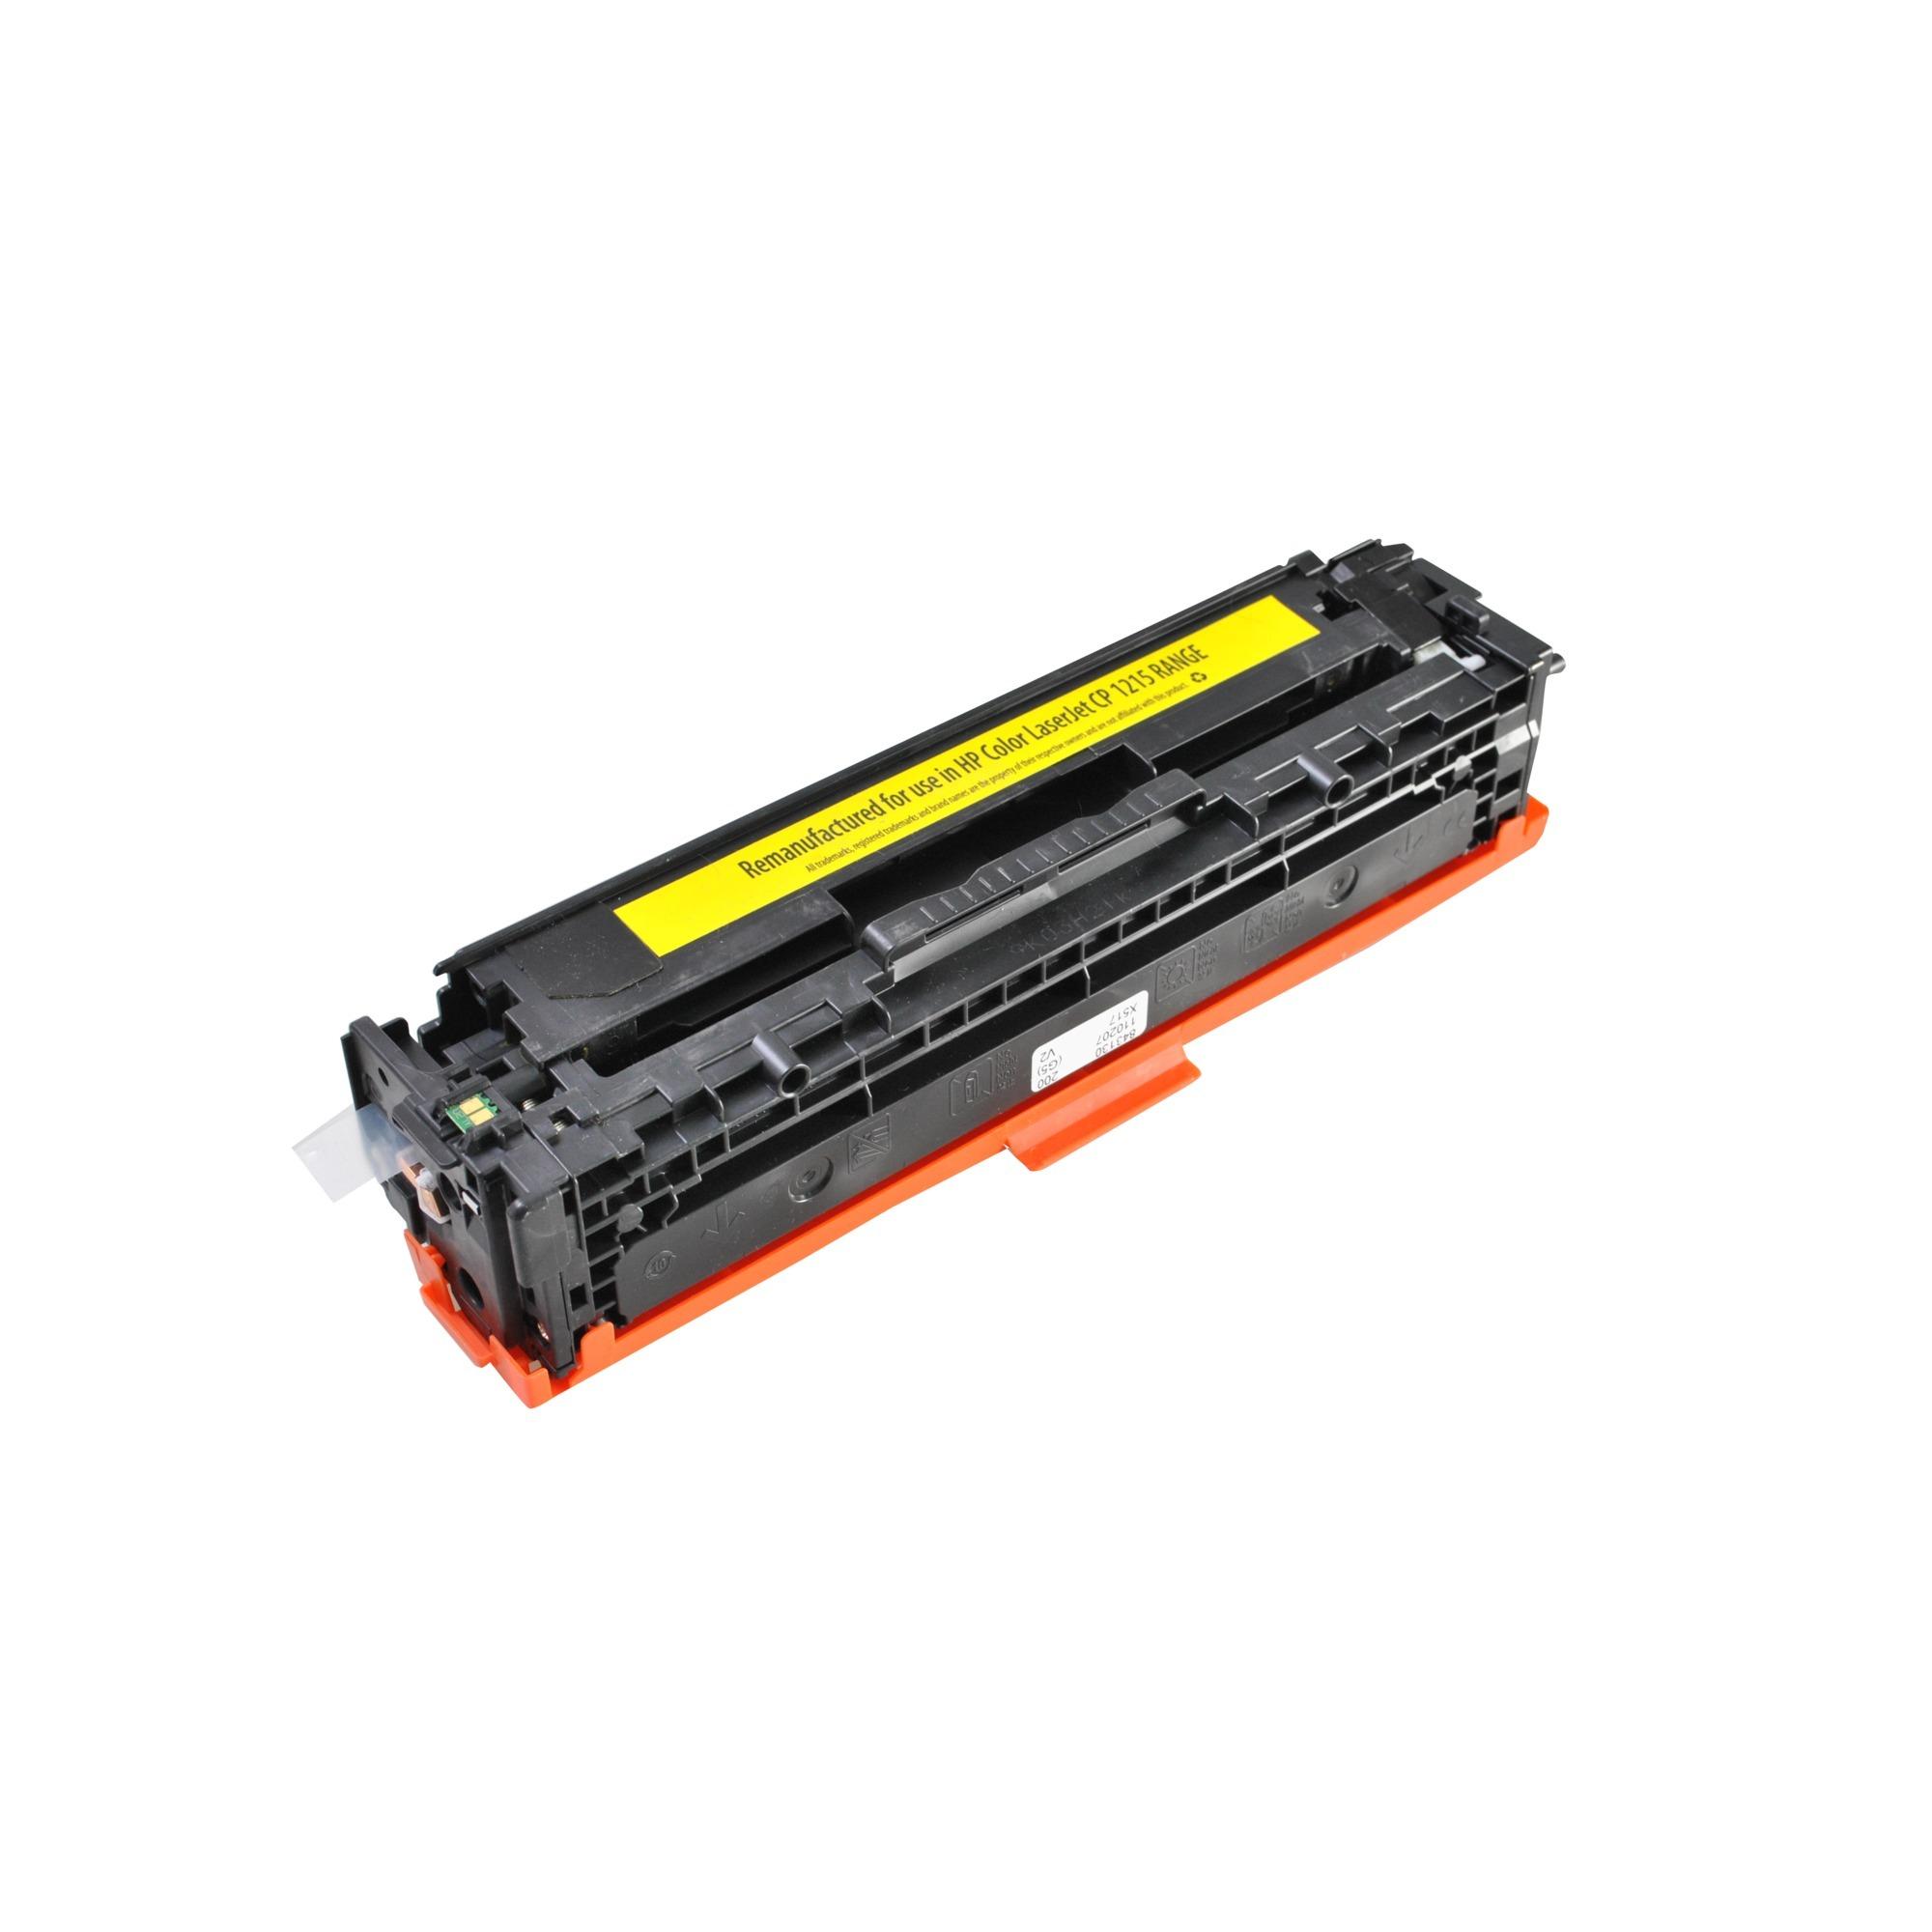 110230 Tóner de láser 1400páginas Amarillo tóner y cartucho láser